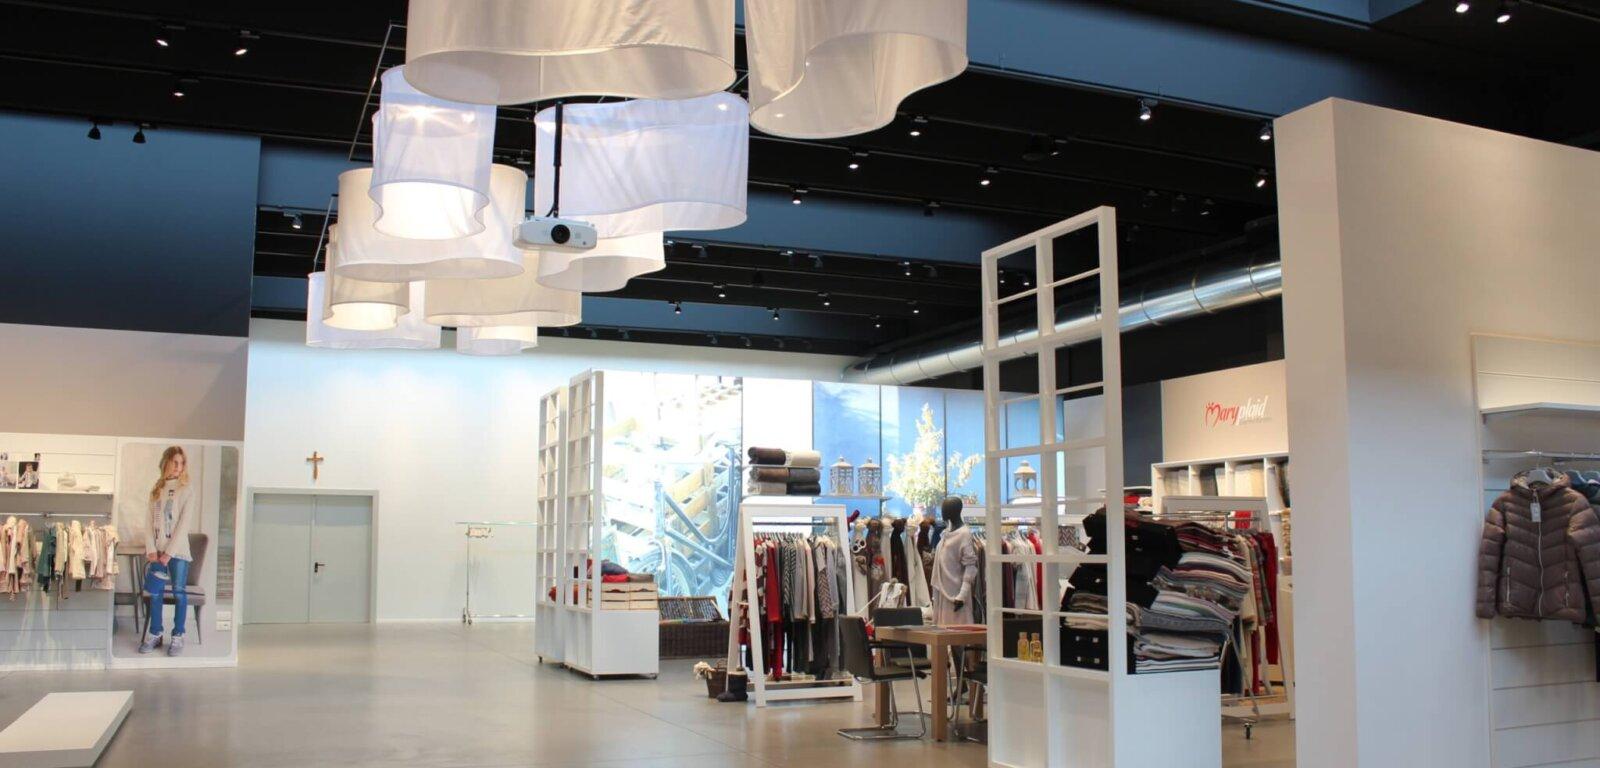 Padiglione retail con pavimento in resina all'interno di un centro commerciale in Friuli-Venezia Giulia.